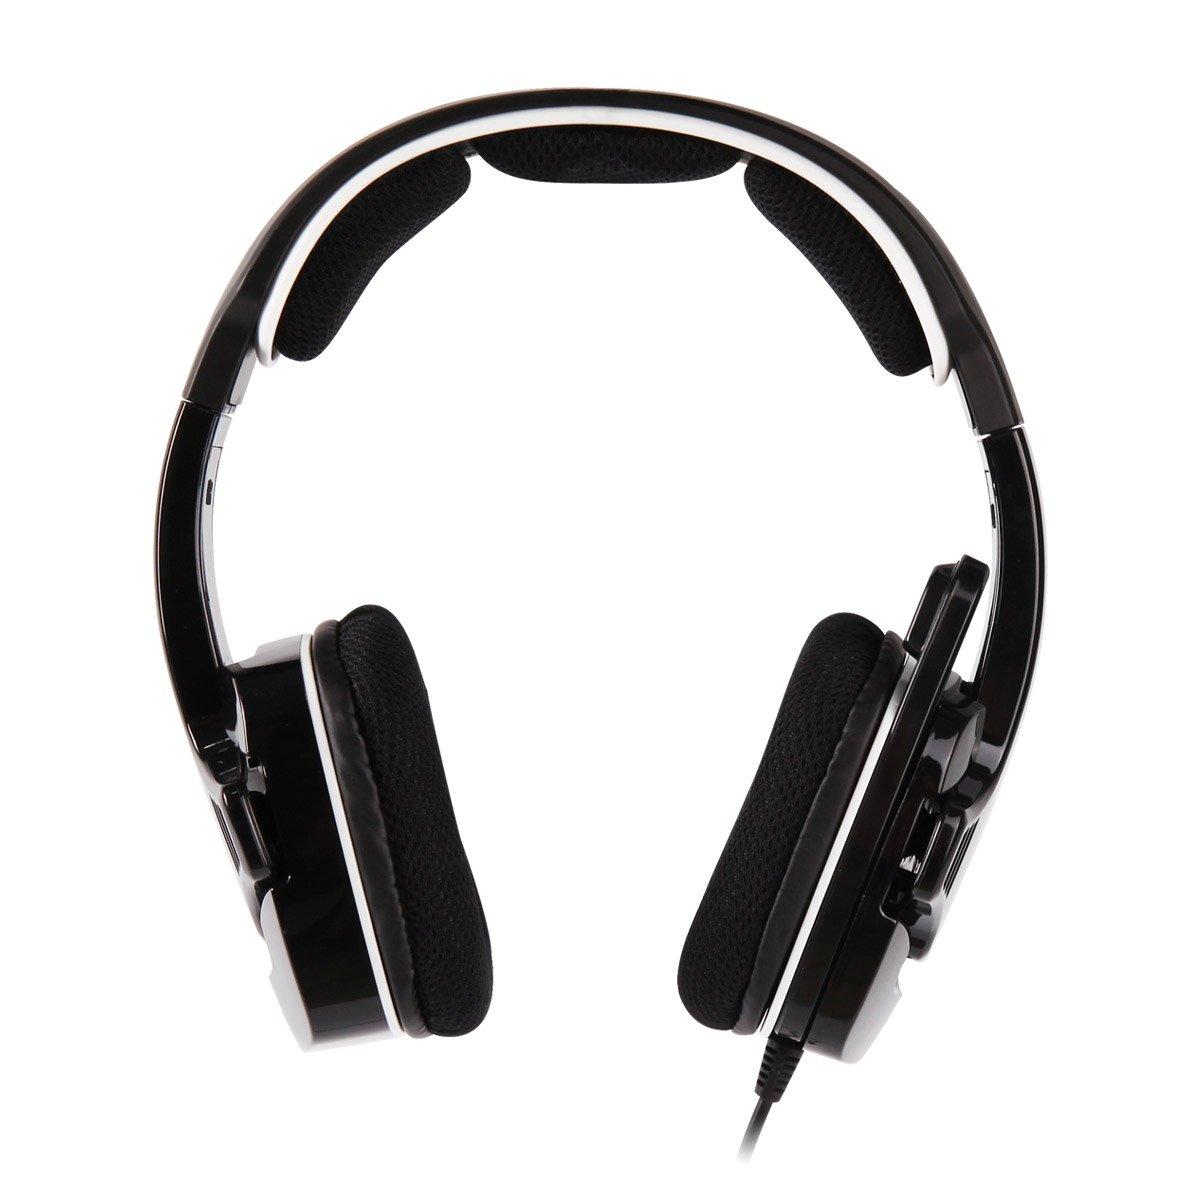 SADES Spider, Auriculares estéreo, Micrófono plegable, Orejera suave, Negro